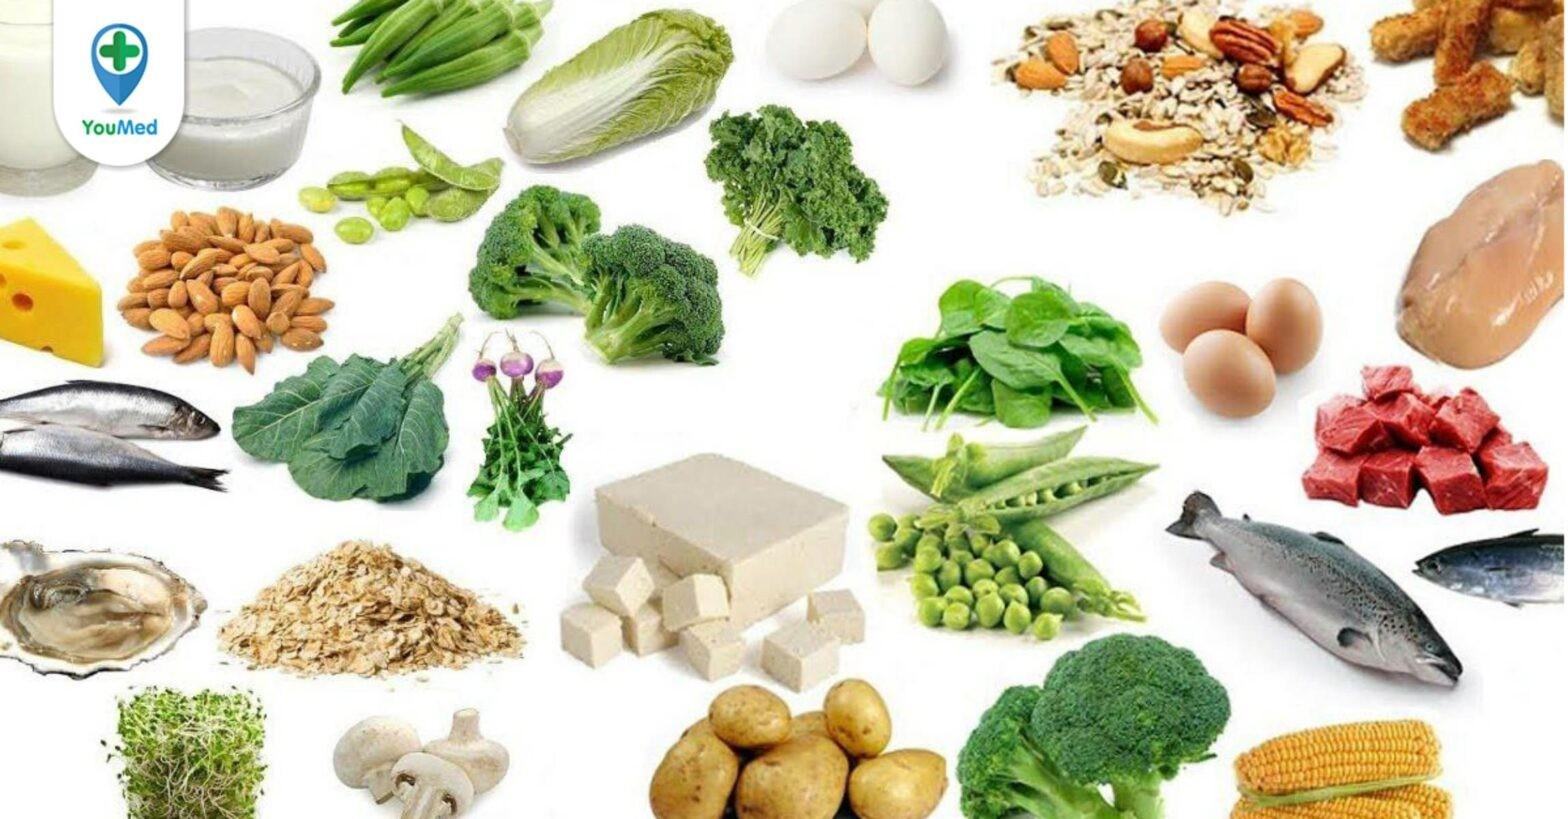 18 thực phẩm cho người tiểu đường mà bác sĩ khuyên dùng